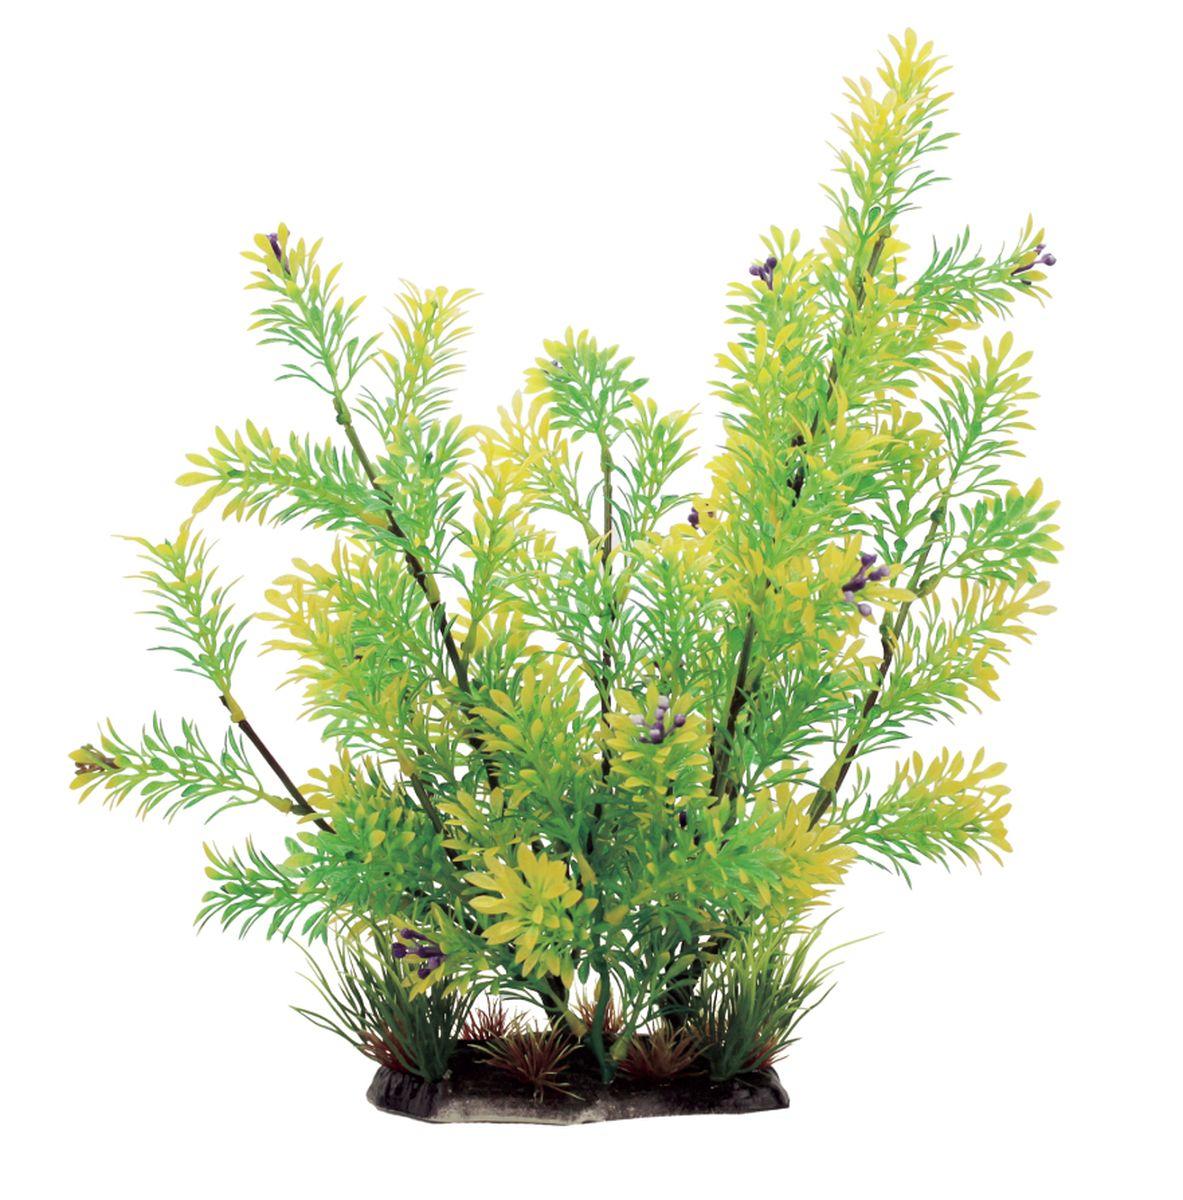 Растение для аквариума ArtUniq Ротала зеленая, высота 35 смART-1130105Растение для аквариума ArtUniq Ротала зеленая, высота 35 см